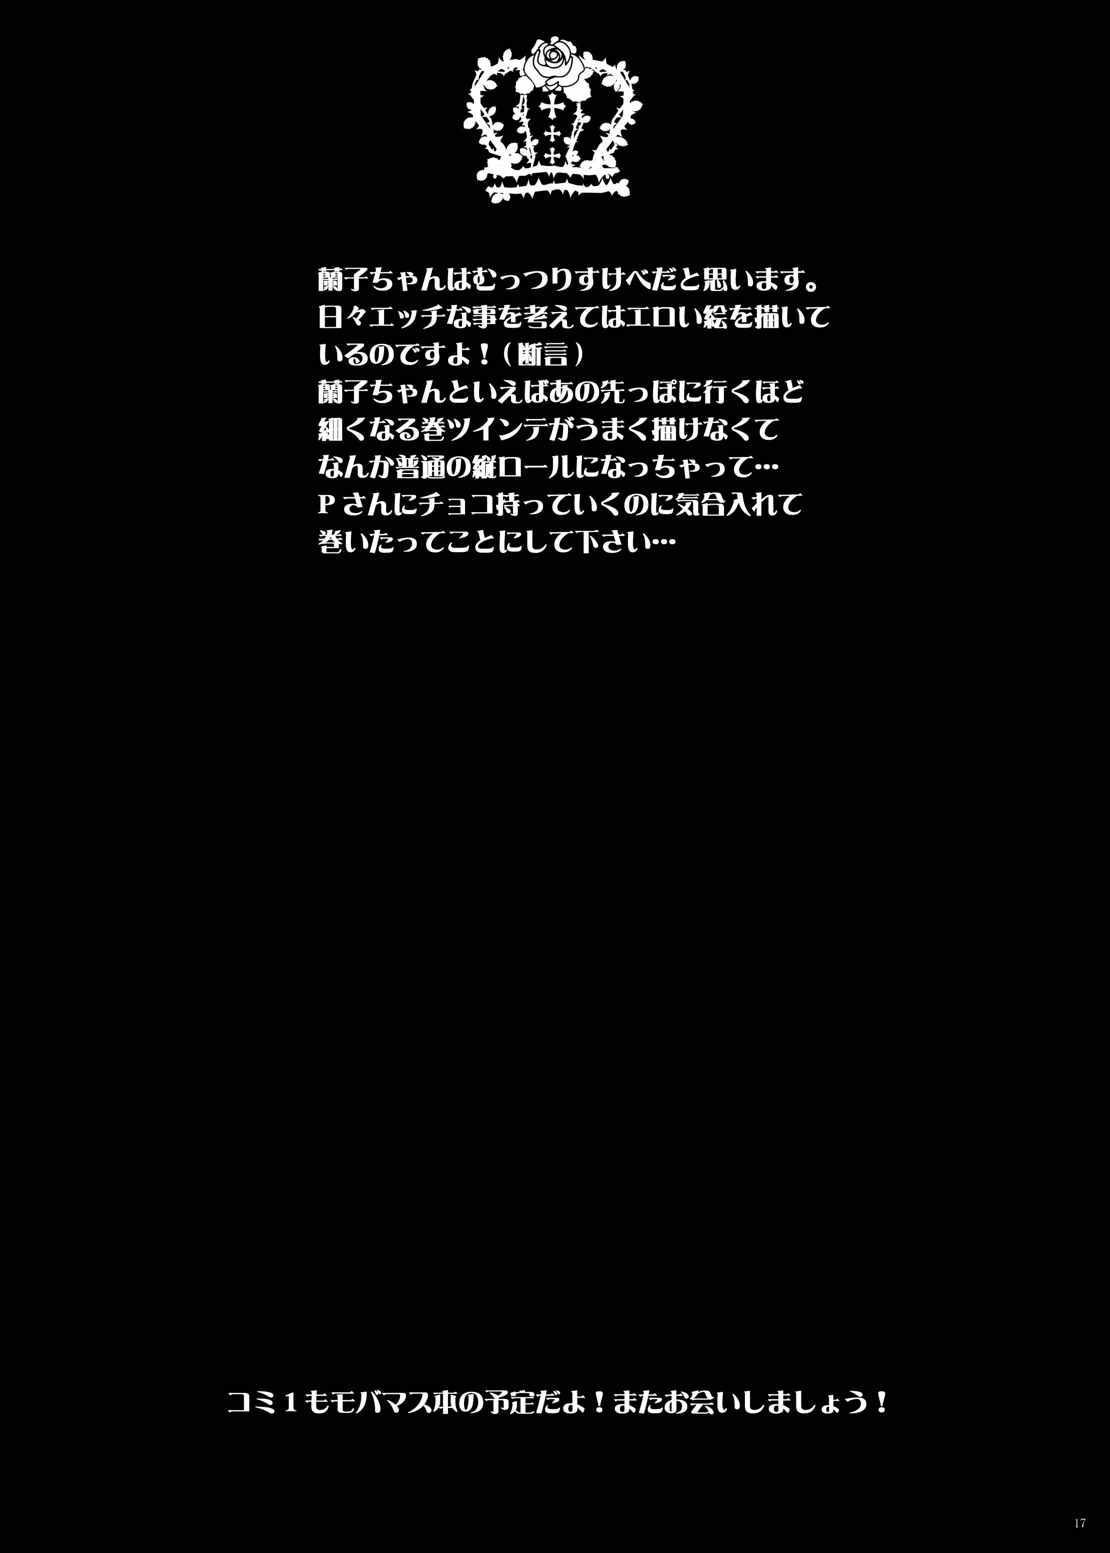 Seinaru Kizu ni Amaki Akuma no Shizuku o Motarasu 13